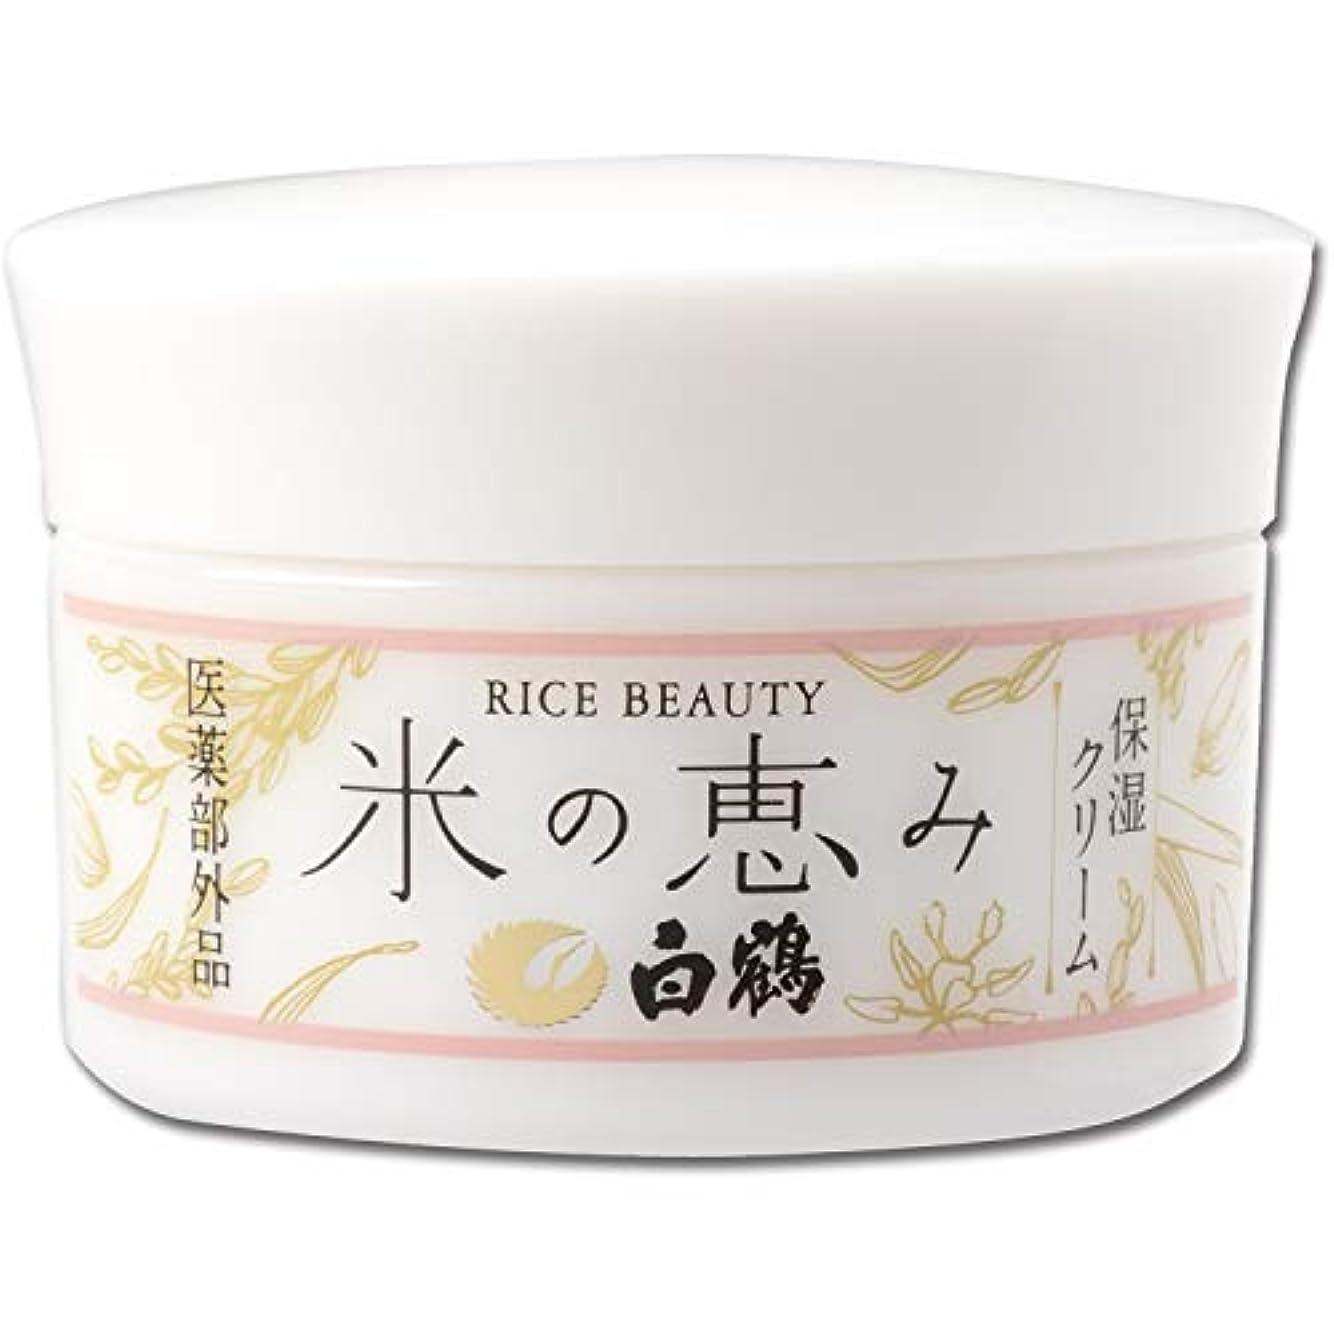 ストレスラボ違反白鶴 ライスビューティー 米の恵み 保湿クリーム 48g (医薬部外品)